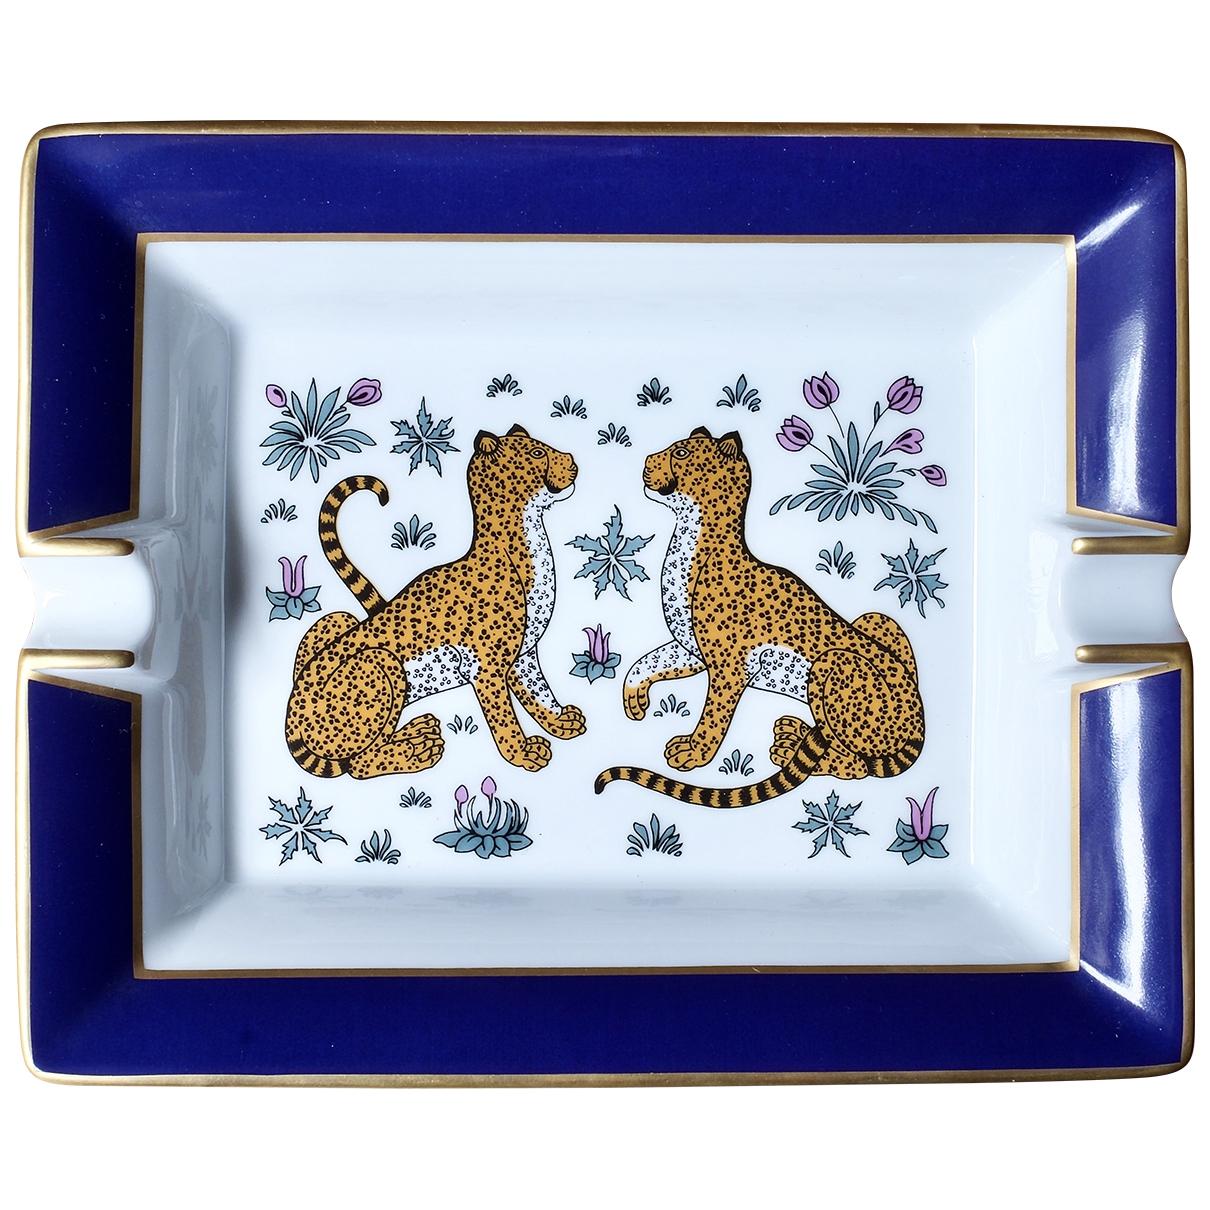 Hermes - Objets & Deco Les Leopards pour lifestyle en porcelaine - bleu